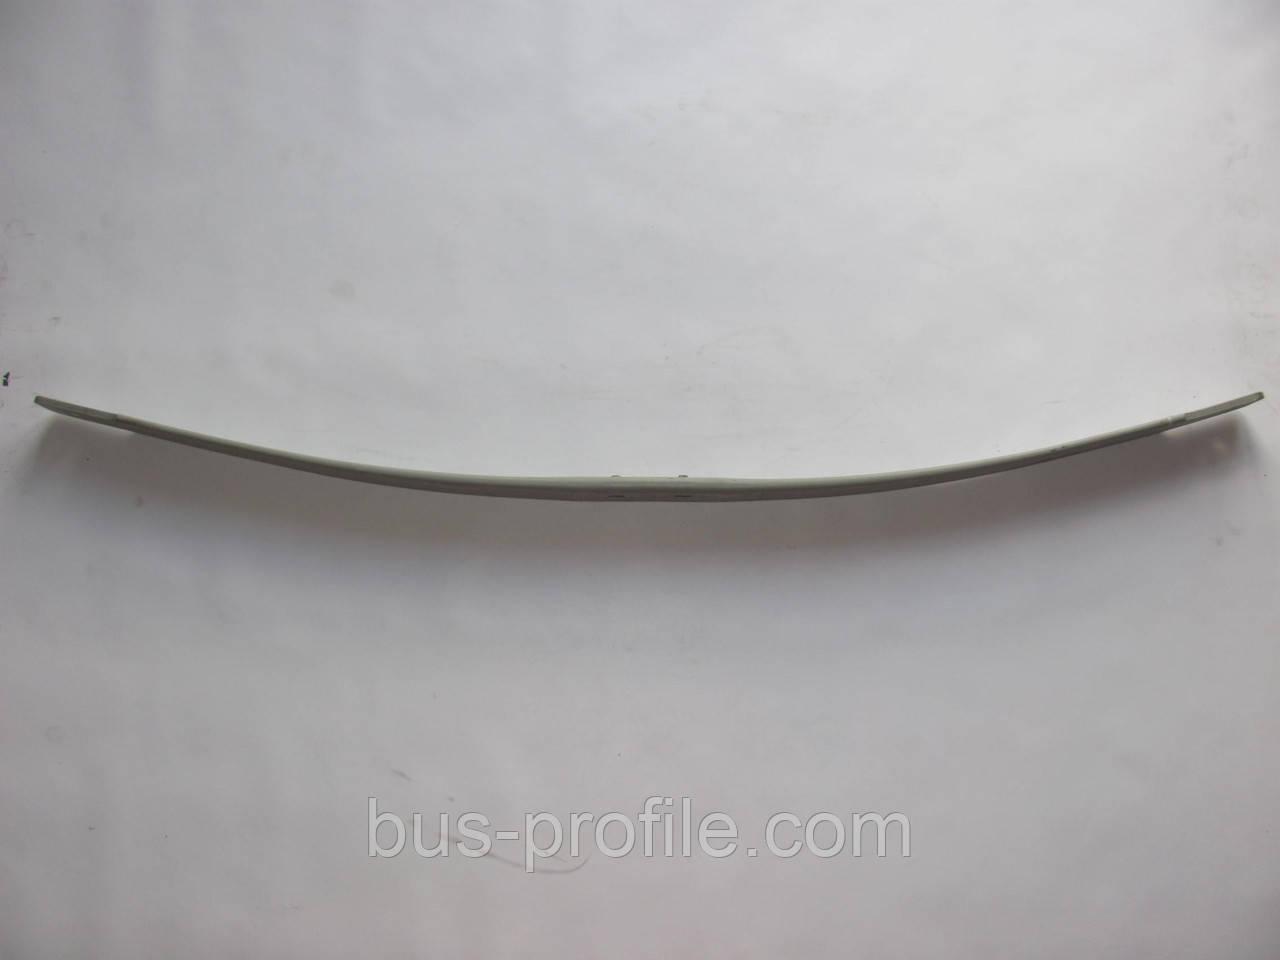 Подкоренной лист на MB Sprinter 515-519 (СПАРКА), VW Crafter 50 2006→ — TESS (Польща) — 3378100219